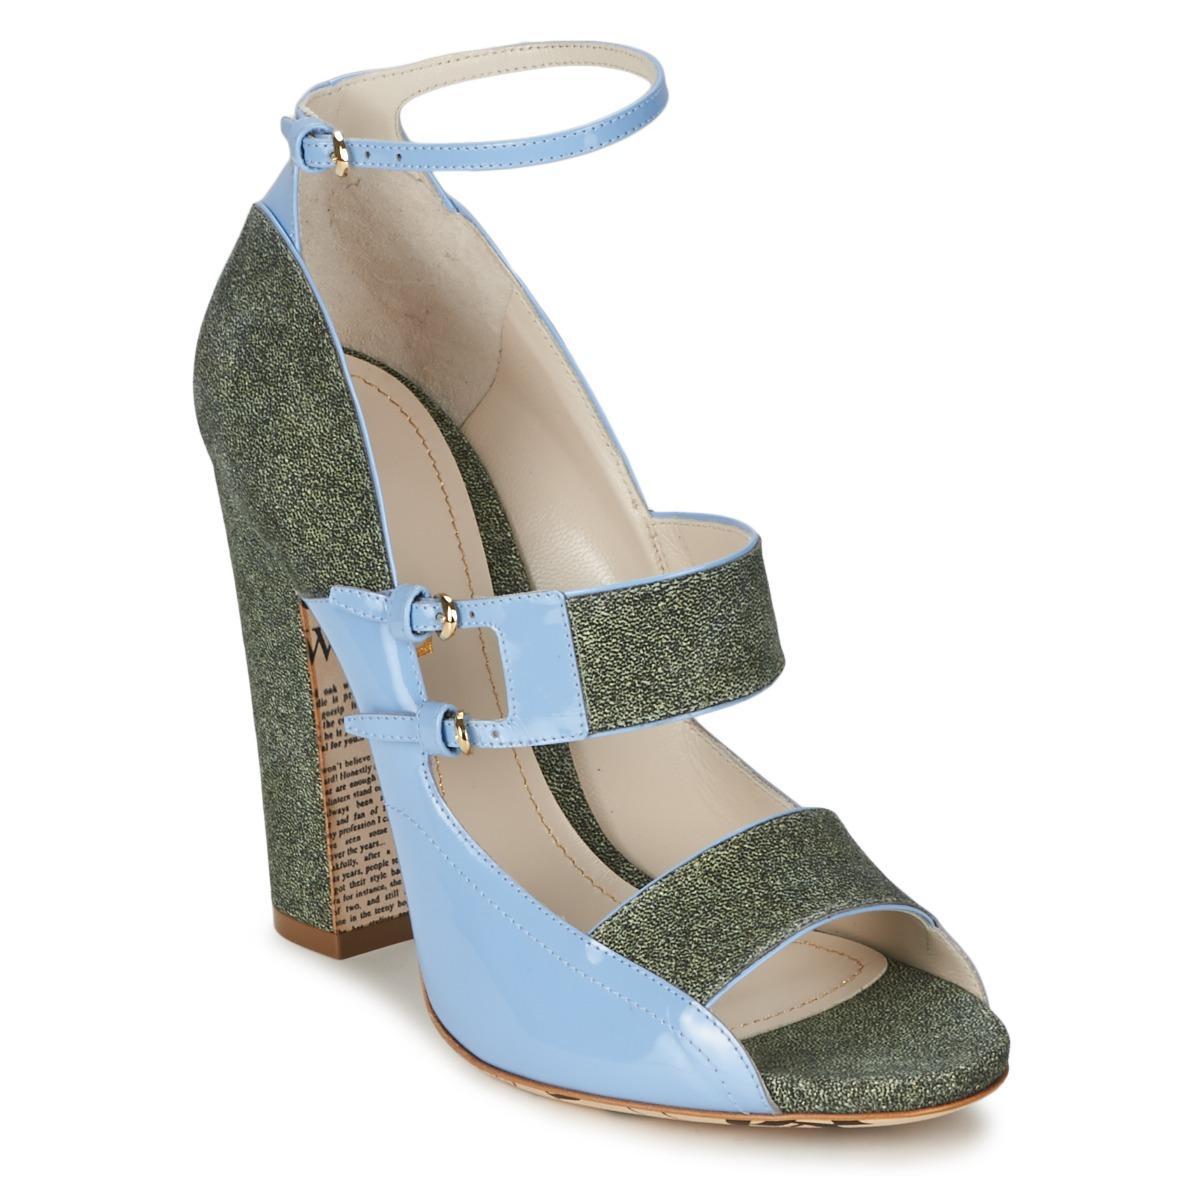 Sandale John Galliano A54250 Bleu / Vert